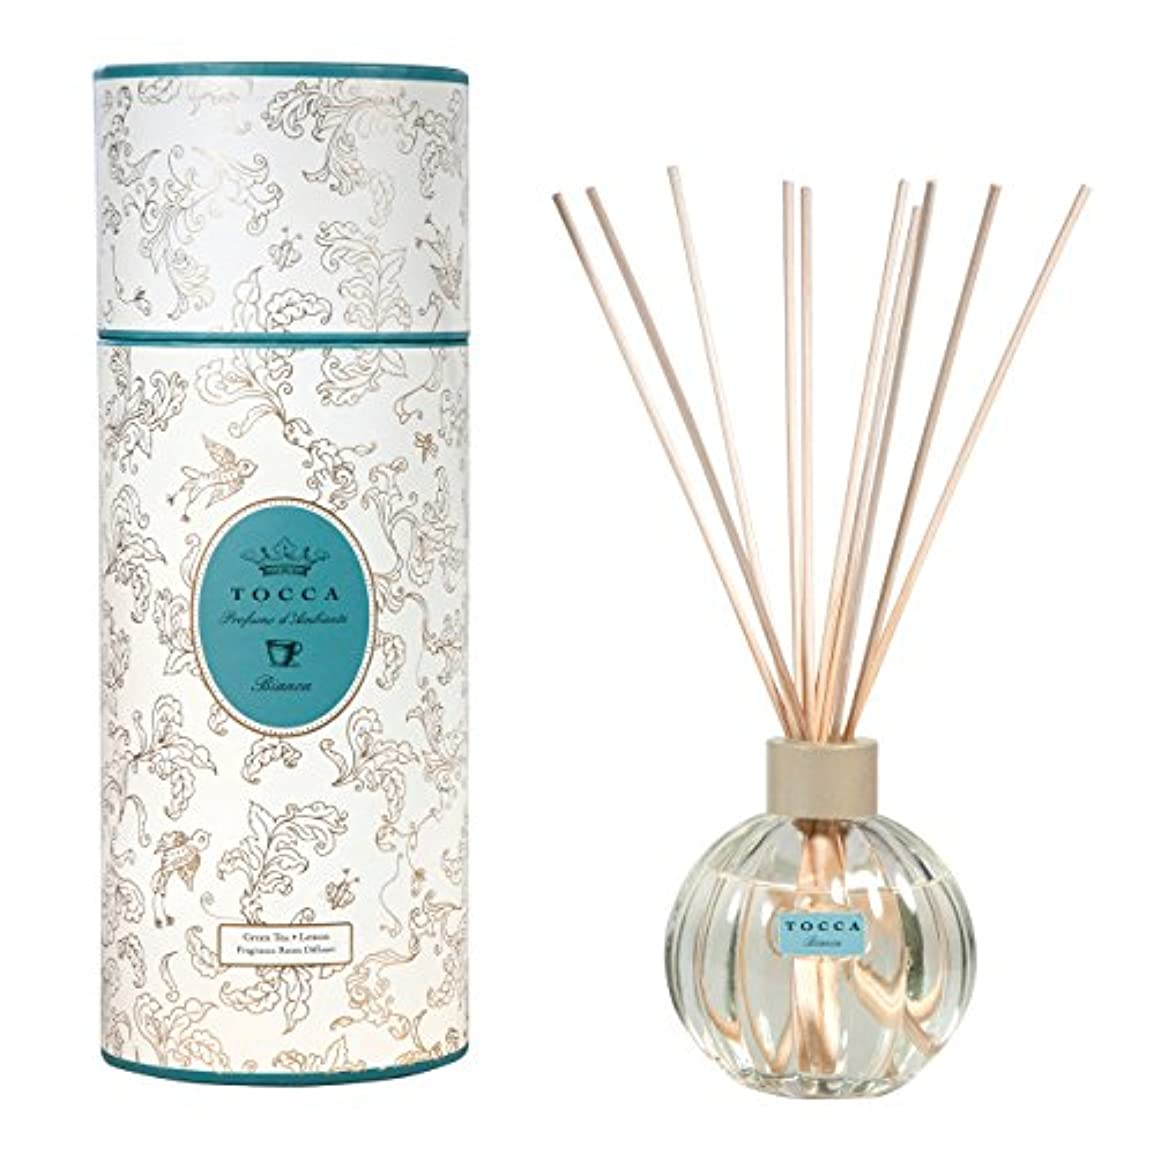 枯れる遠い生じるトッカ(TOCCA) リードディフューザー ビアンカの香り 175ml 3~4ヶ月持続(芳香剤 ルームフレグランス シトラスとグリーンティー、ローズが絶妙に溶け合ったほのかに甘さ漂うフレッシュな香り)